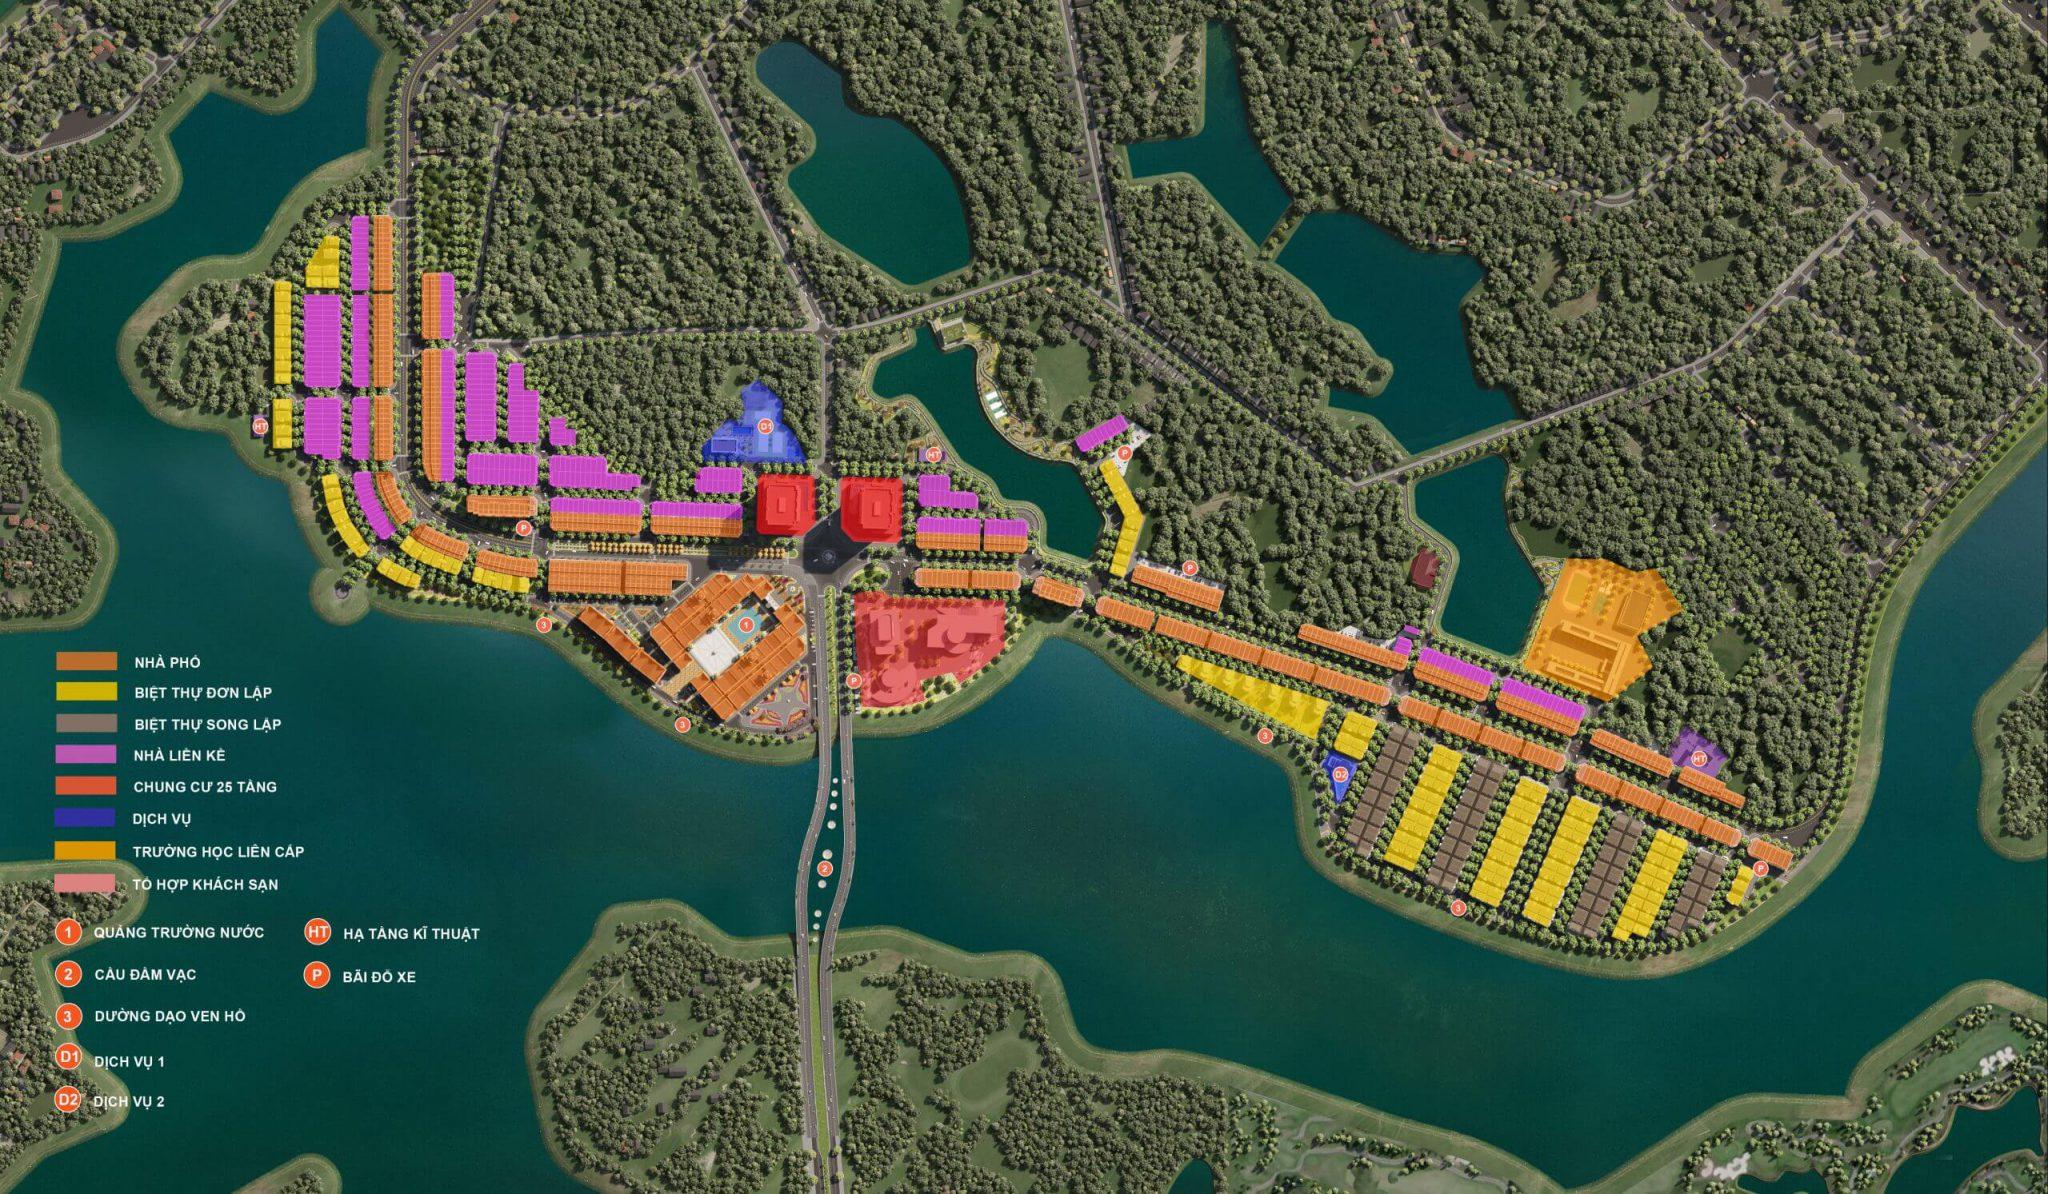 Phân khu chức năng và định hình Sản phẩm Bất động sản Kinh doanh, Nghỉ dưỡng River Bay Bắc Đầm Vạc